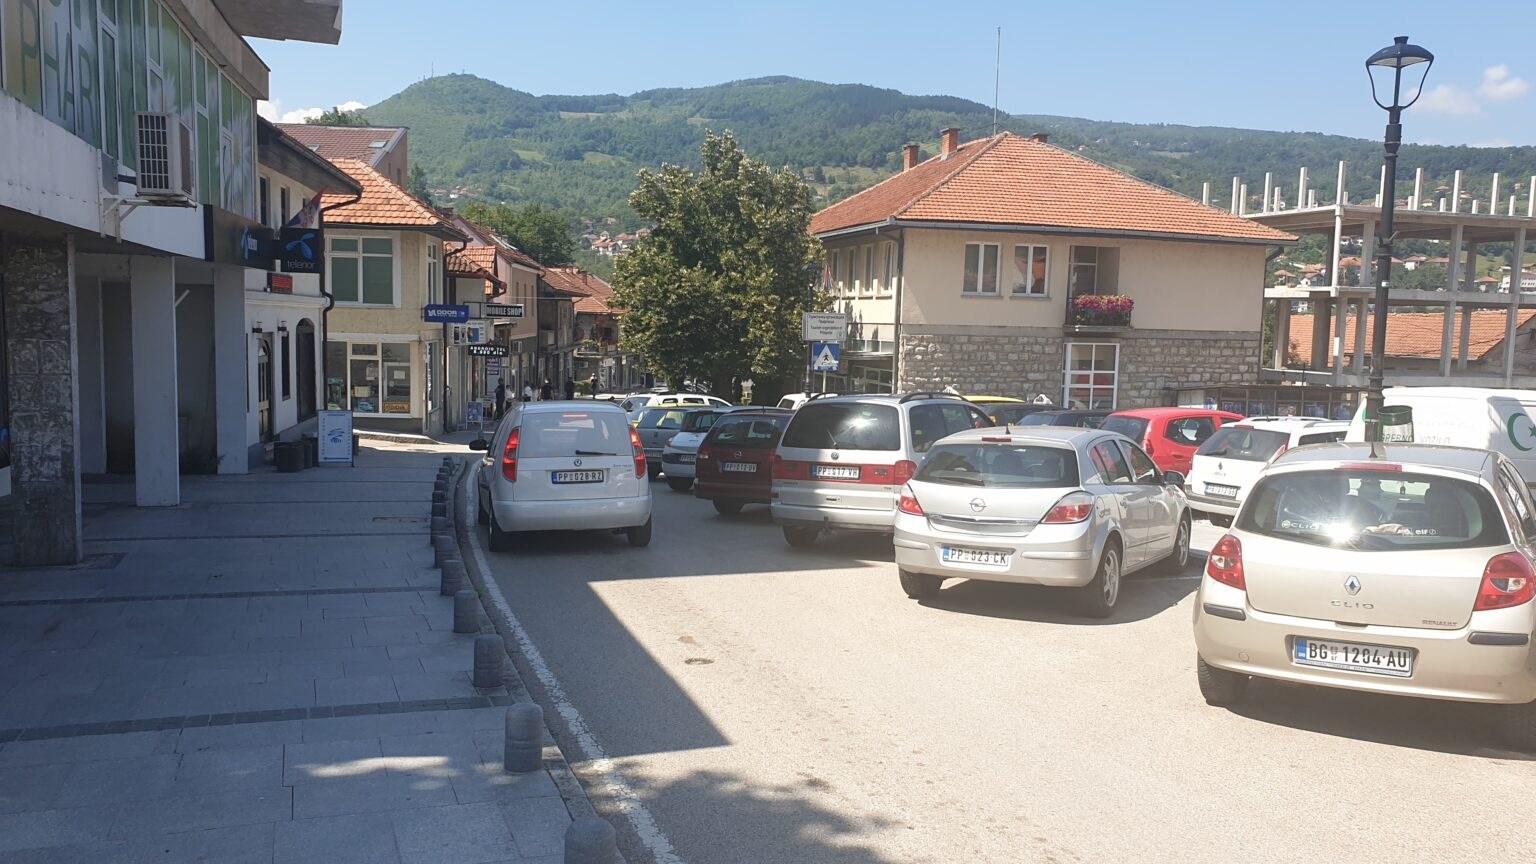 porast-inficiranih-u-zlatiborskom-okrugu!-prijepolje-i-nova-varos-po-6-novoobolelih